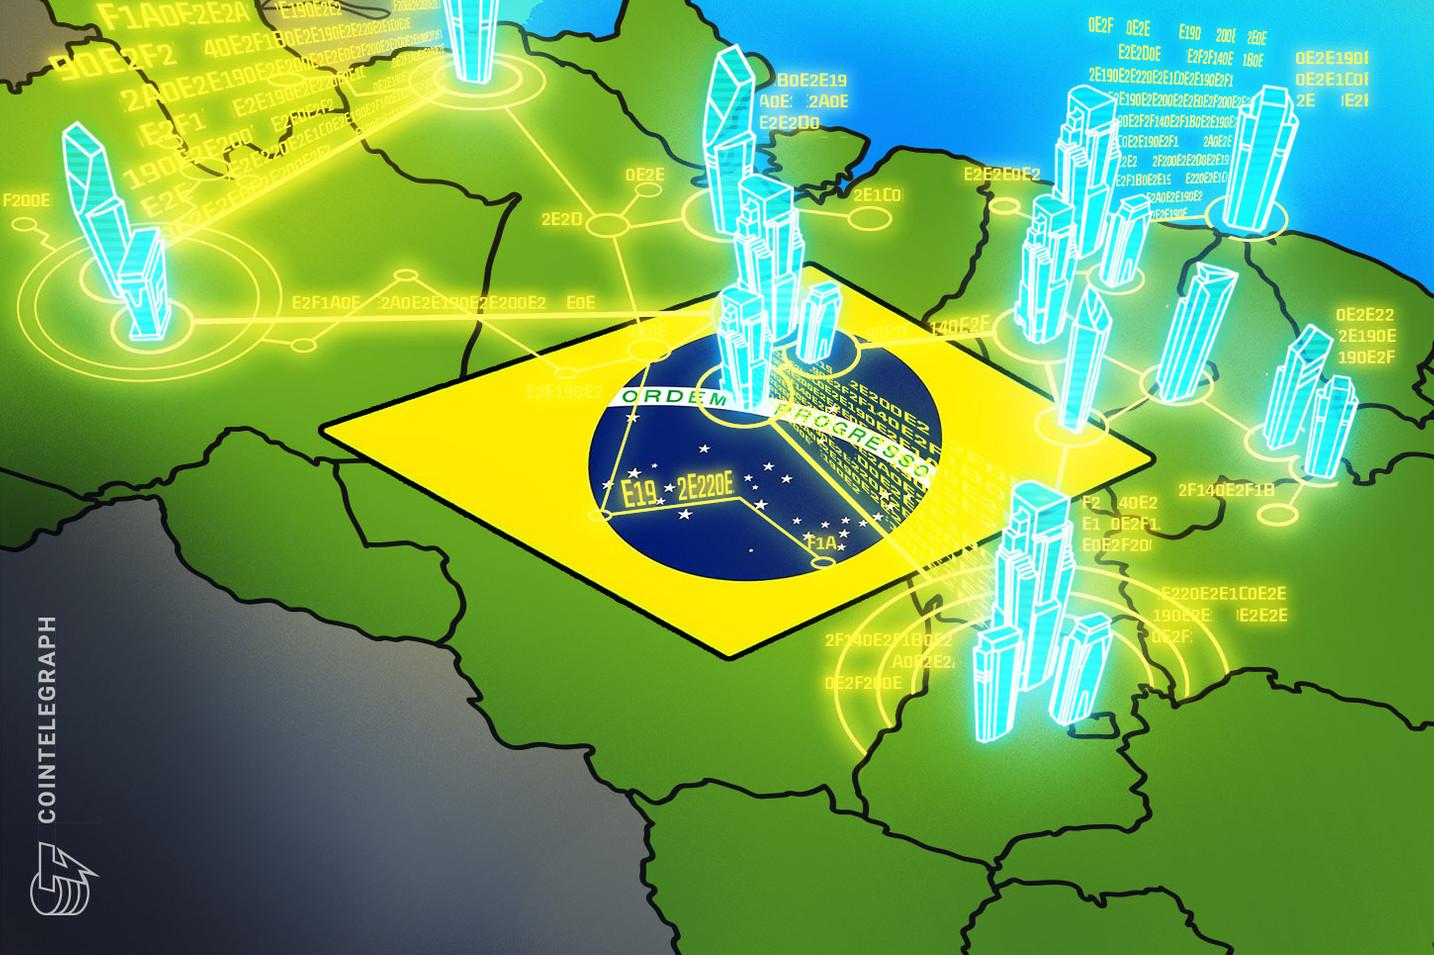 Presidência da República do Brasil  vai adotar blockchain em sistema de compartilhamento de dados no Diário Oficial